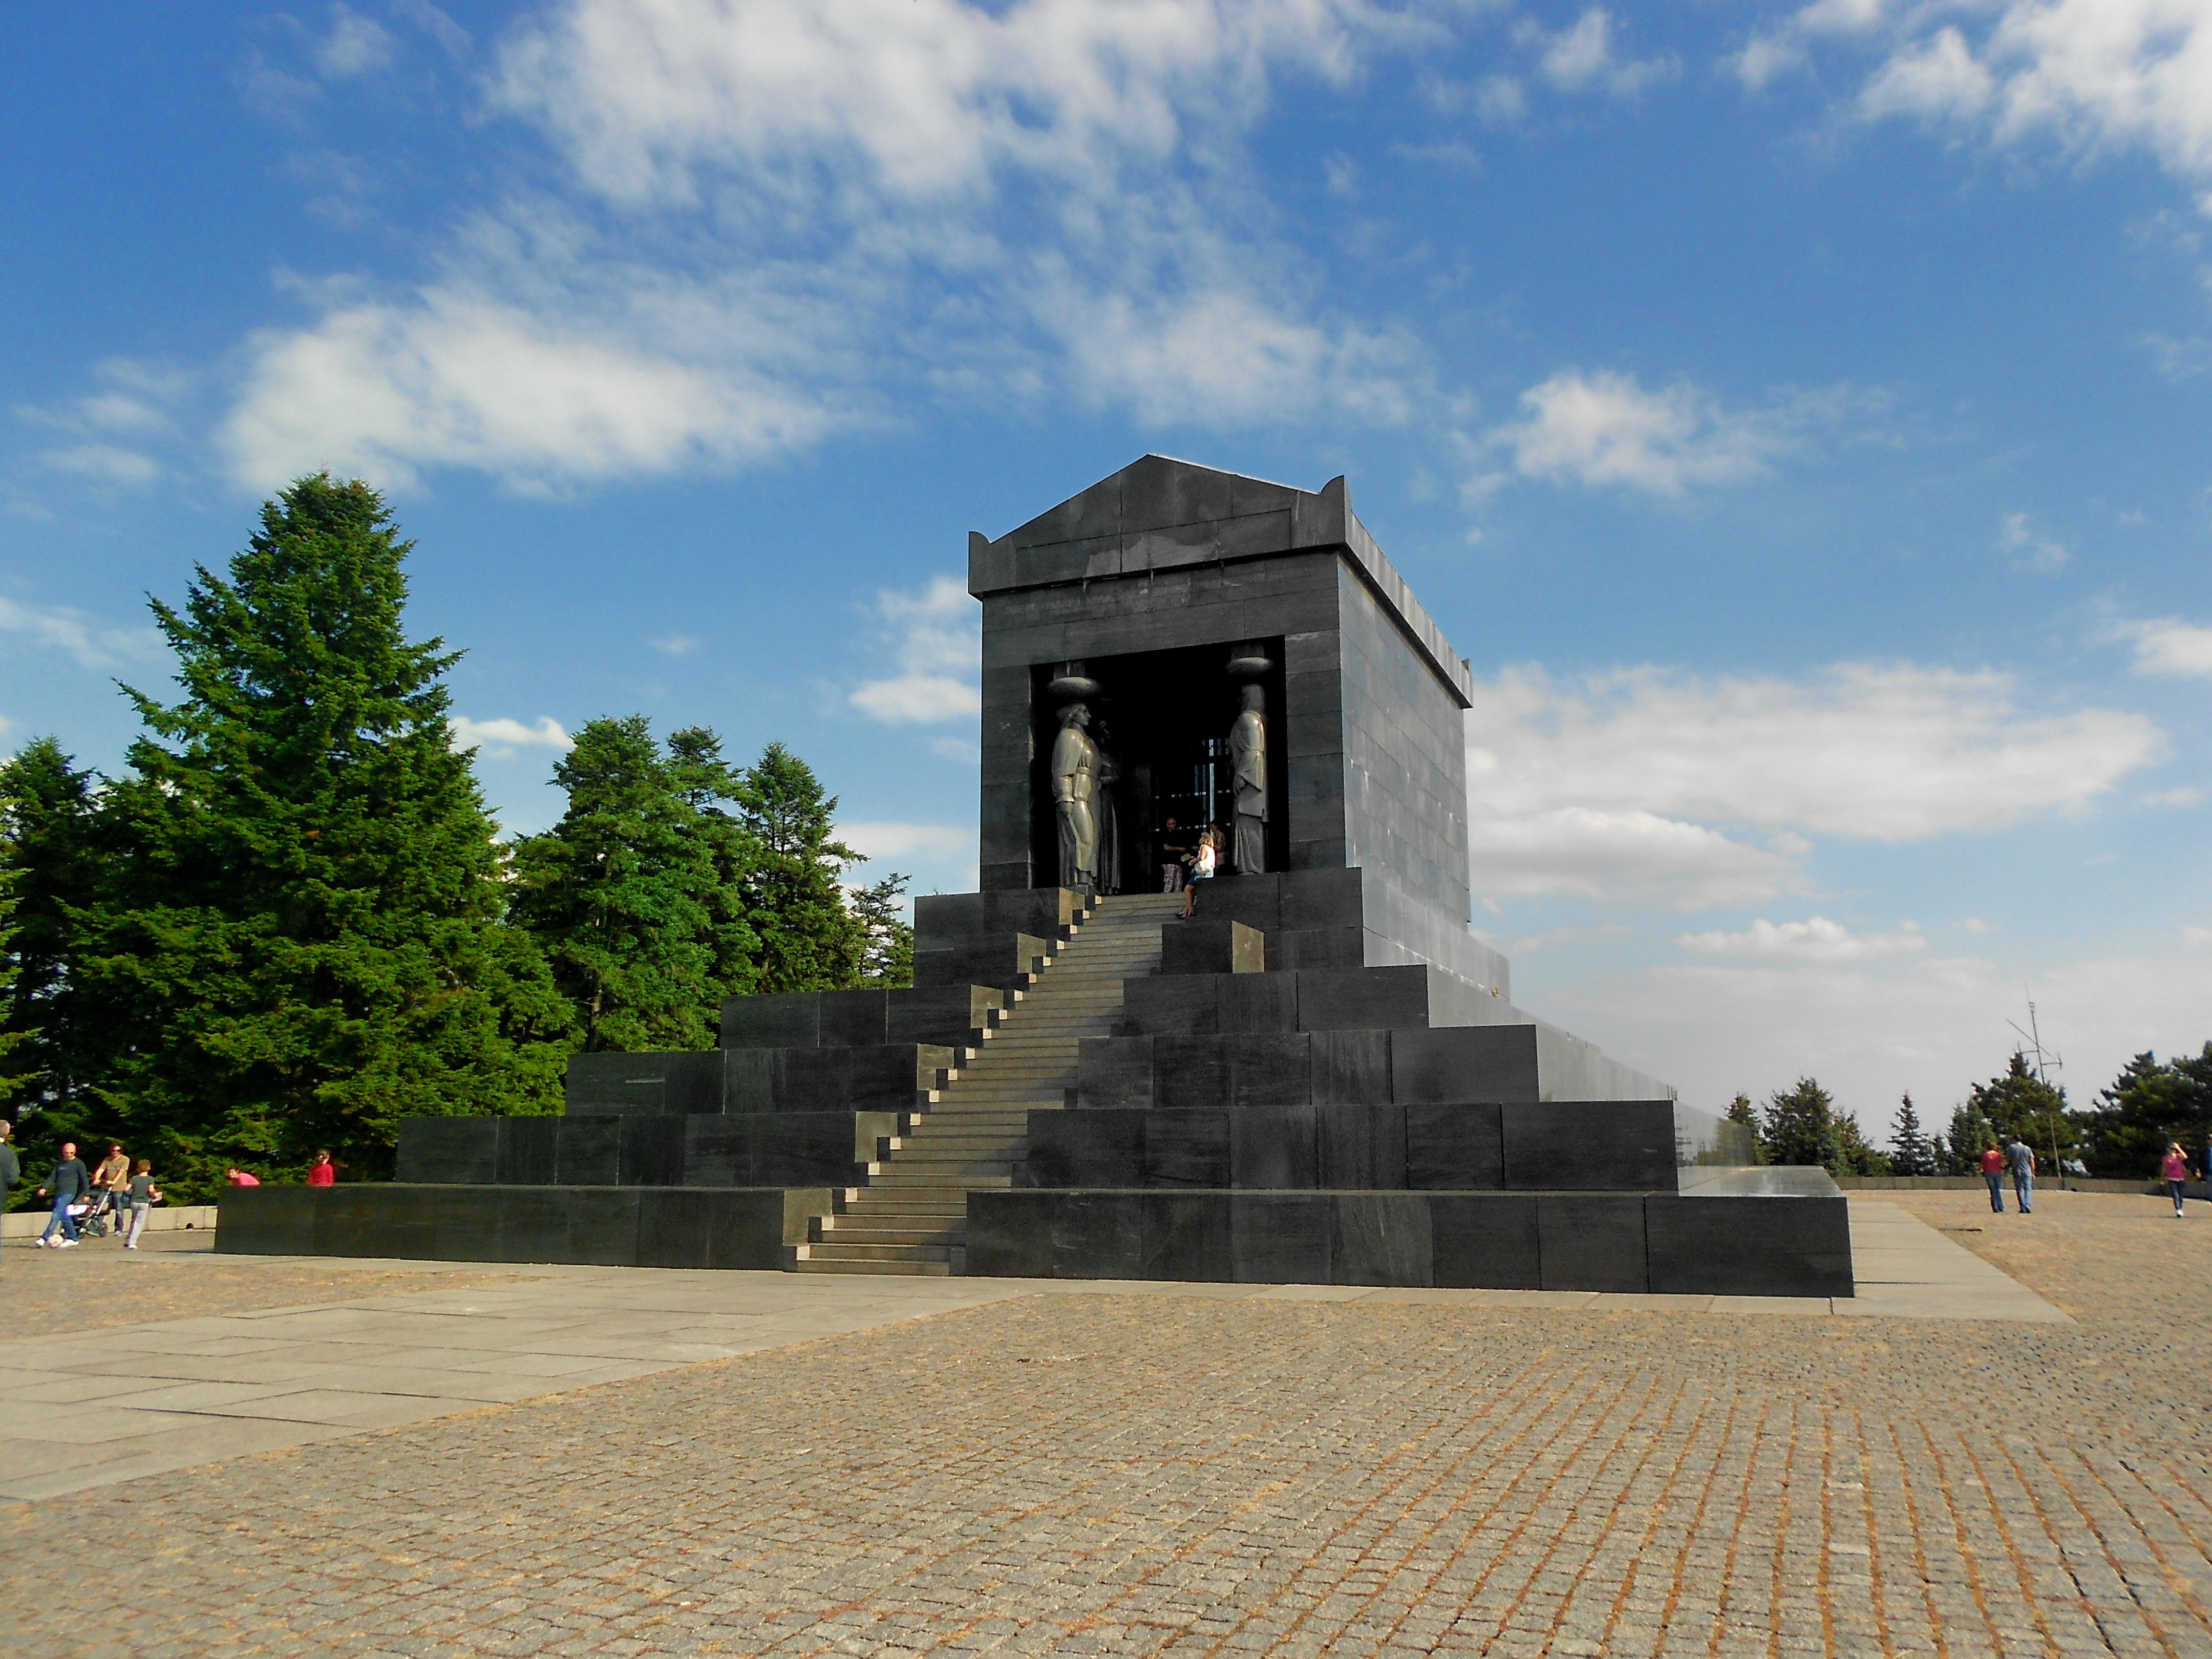 Berkas Spomenik Neznanom Junaku Avala Beograd Jpg Wikipedia